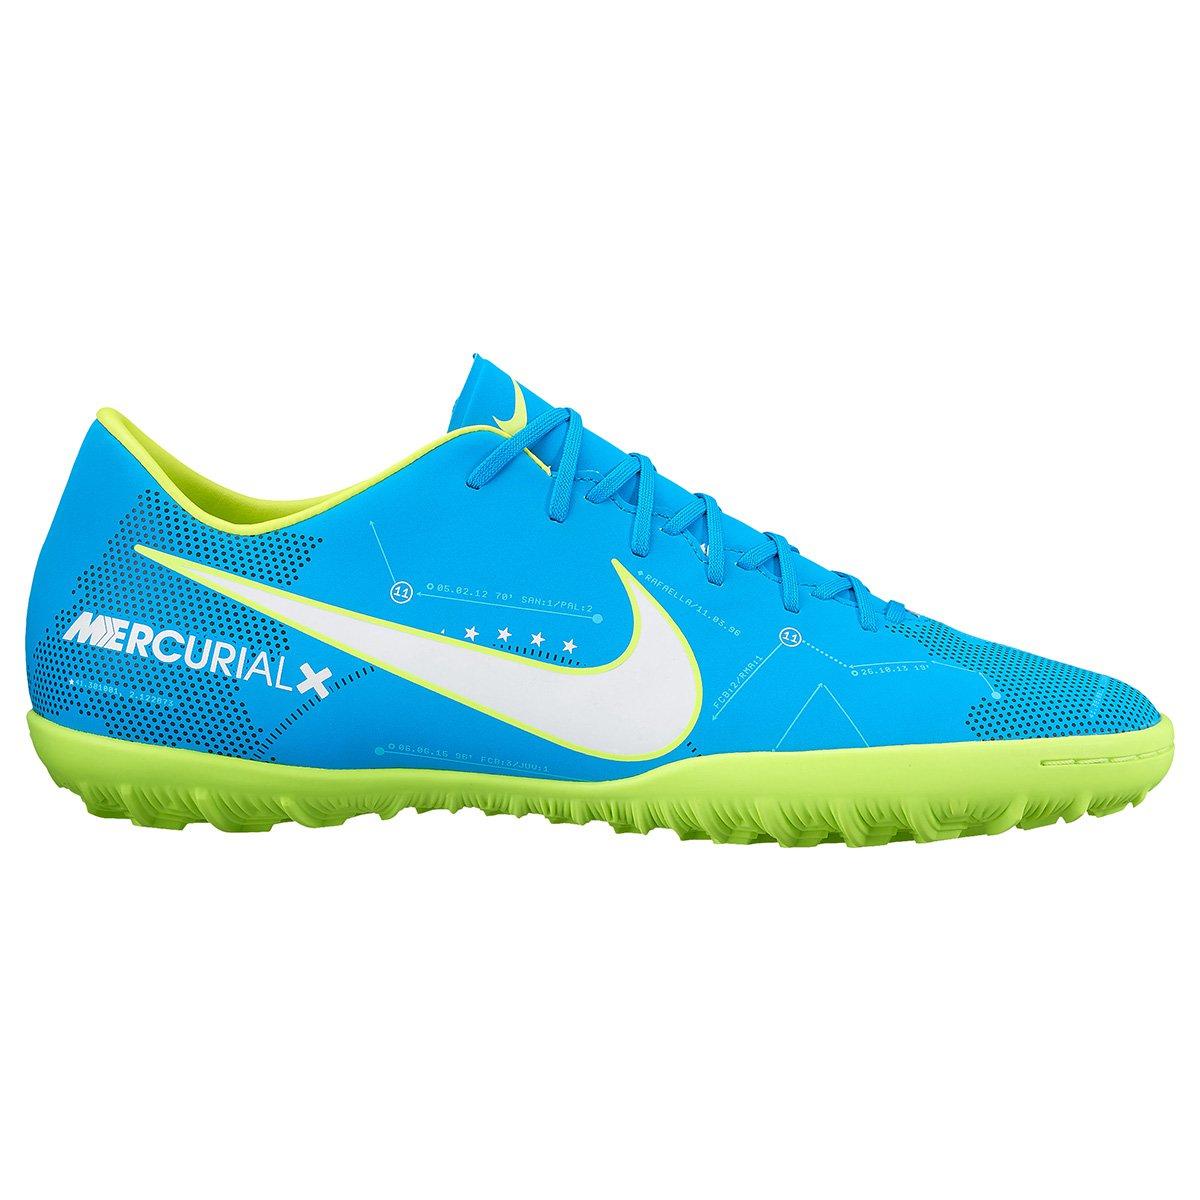 3a6b1b471f4b8 Chuteira Society Nike Mercurial Victory 6 Neymar Jr TF | Shop Timão